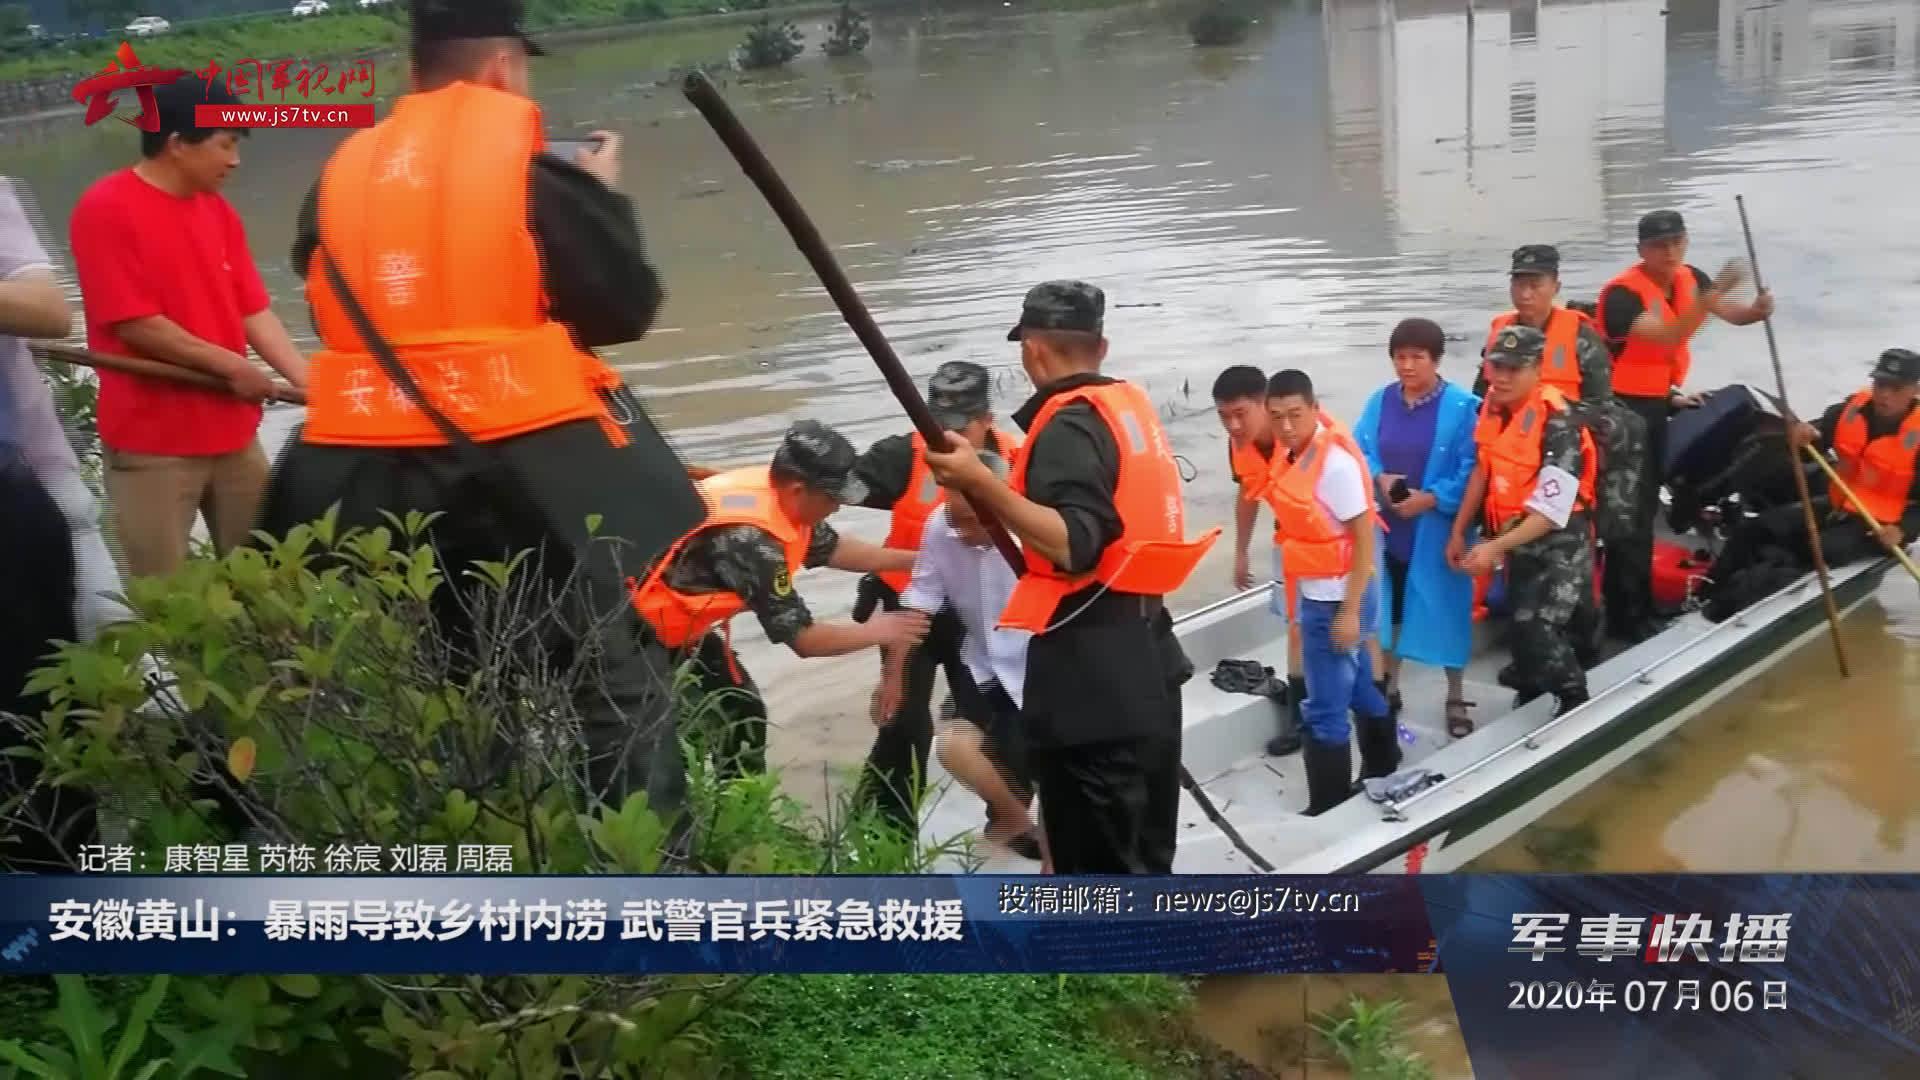 安徽黄山暴雨导致乡村内涝 武警官兵紧急救援